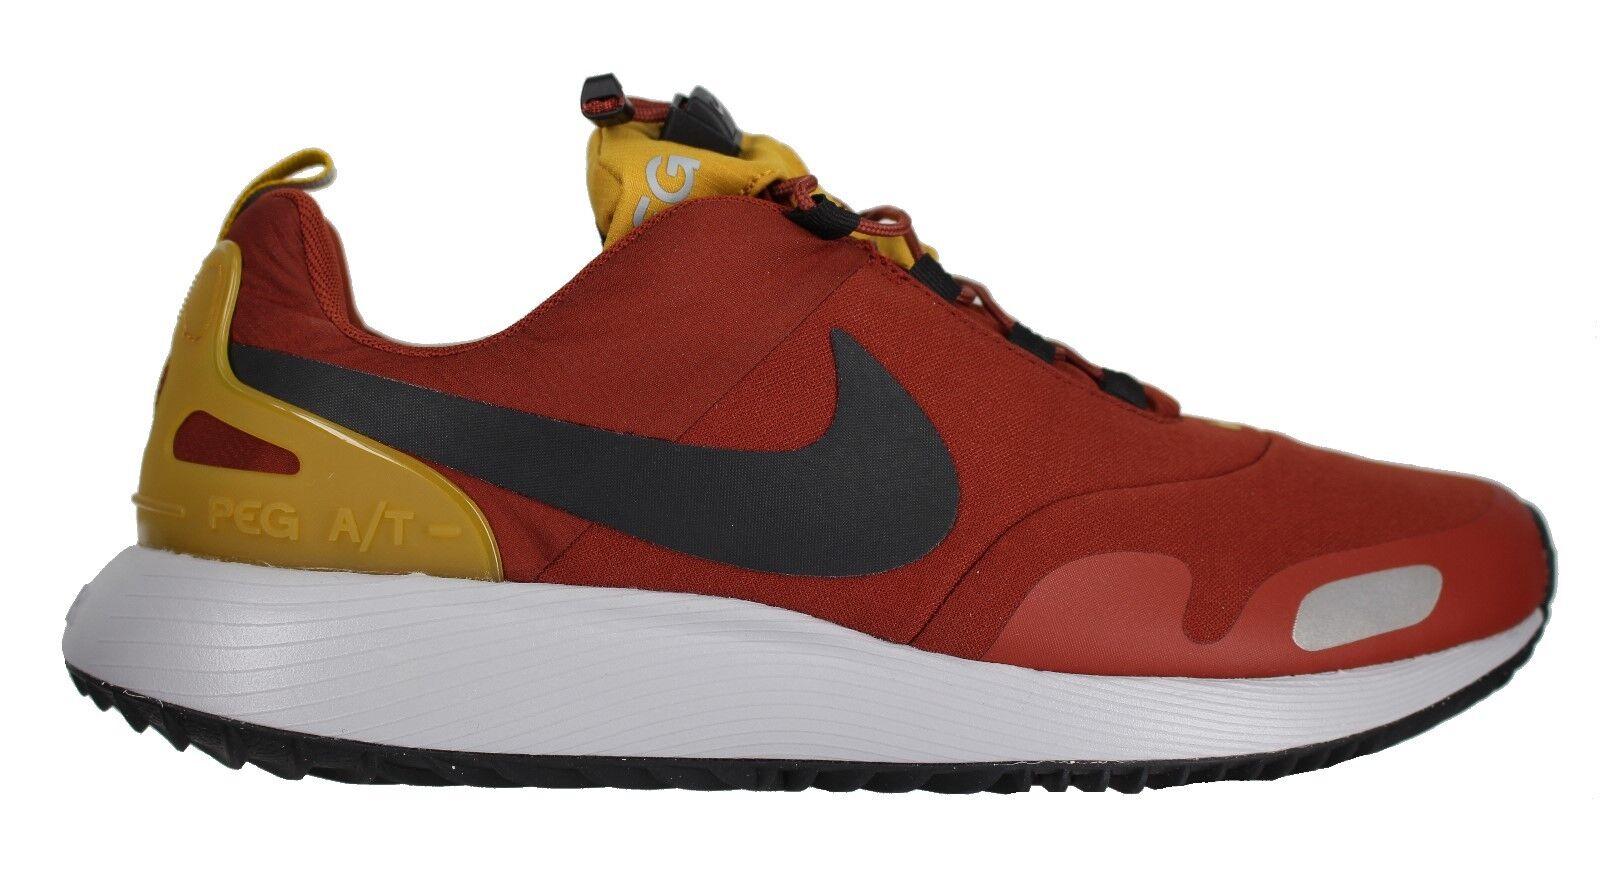 Nike air pegasus un uomini / t mars stone formazione scarpe diverse dimensioni pennino